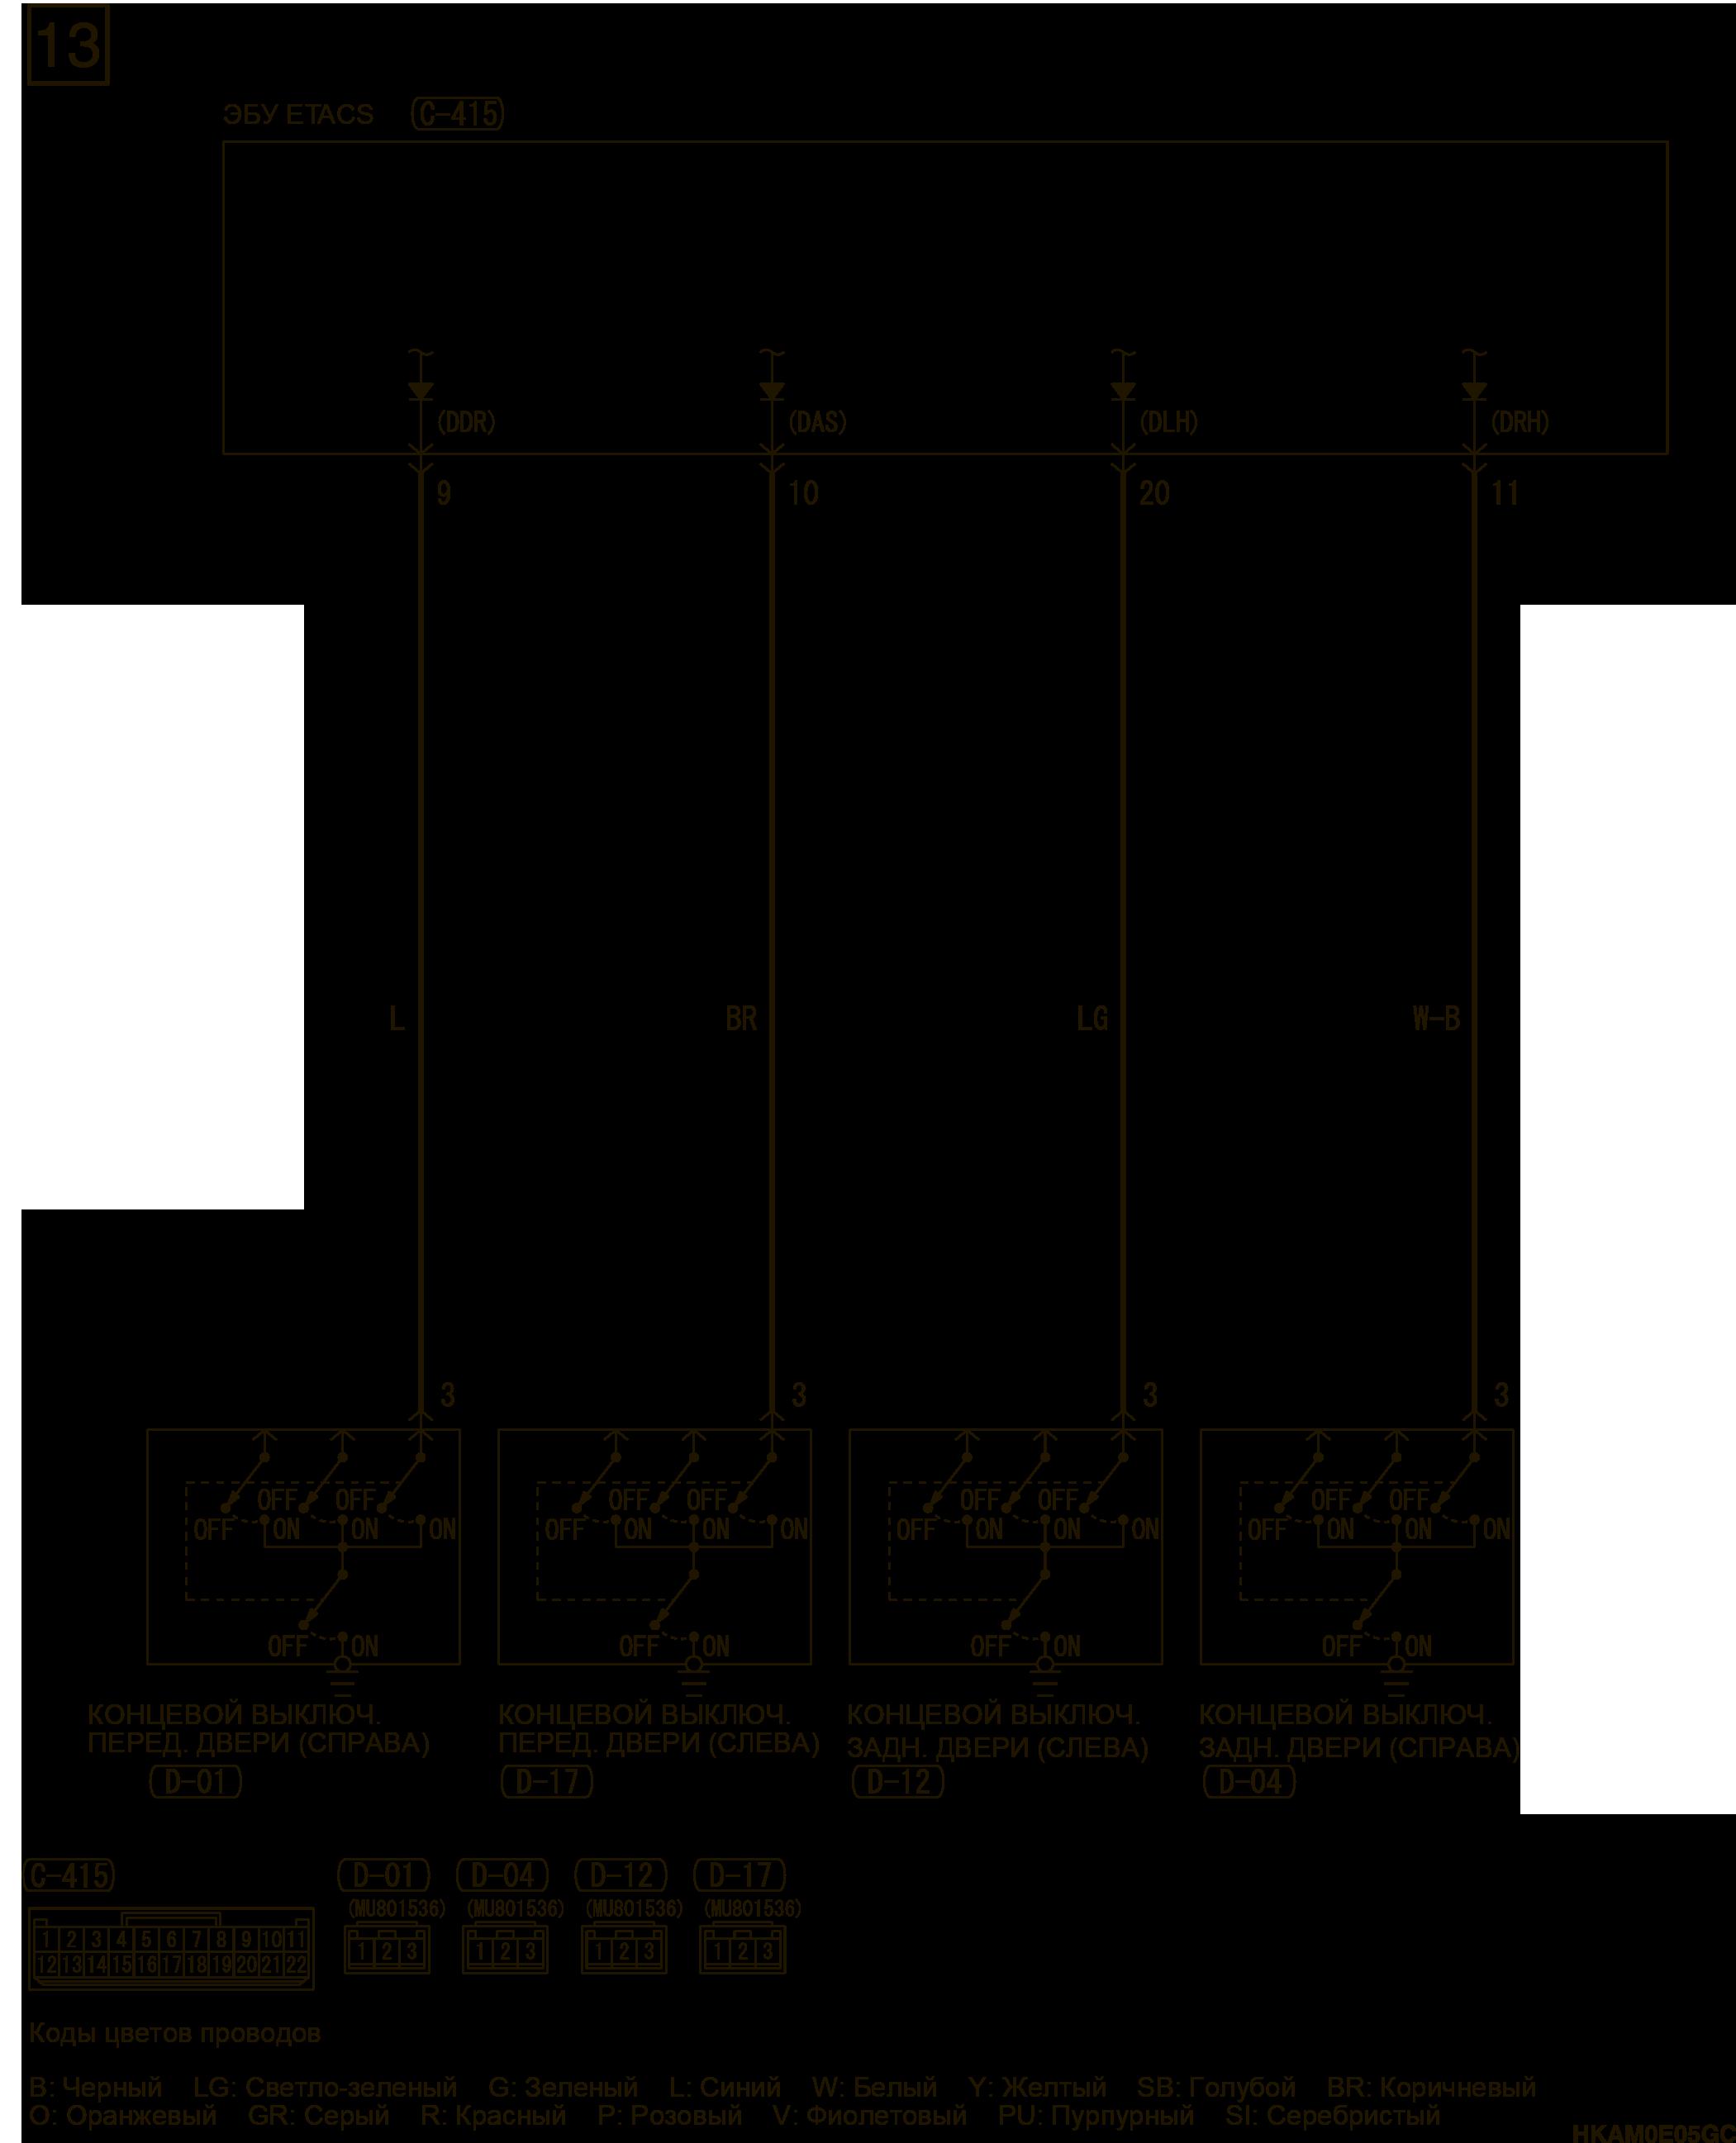 mmc аутлендер 3 2019 электросхемаСИСТЕМА ЦЕНТРАЛЬНОЙ БЛОКИРОВКИ ЗАМКОВ ДВЕРЕЙ АВТОМОБИЛИ С СИСТЕМОЙ KOS ПРАВАЯ СТОРОНА